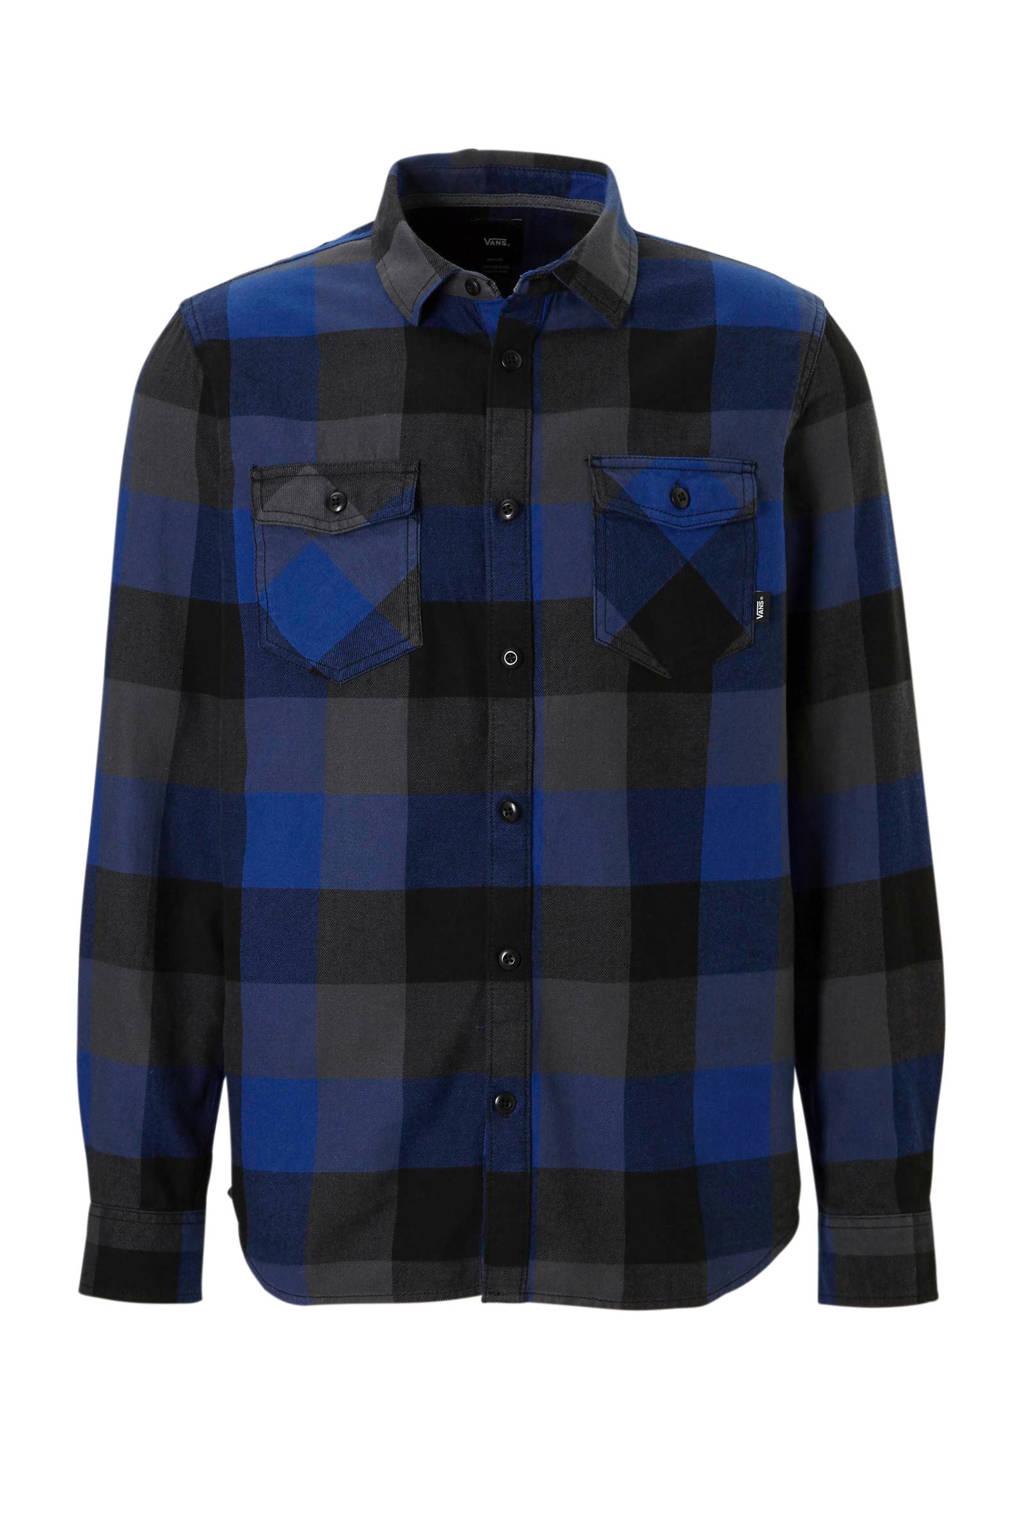 VANS overhemd, Blauw/zwart